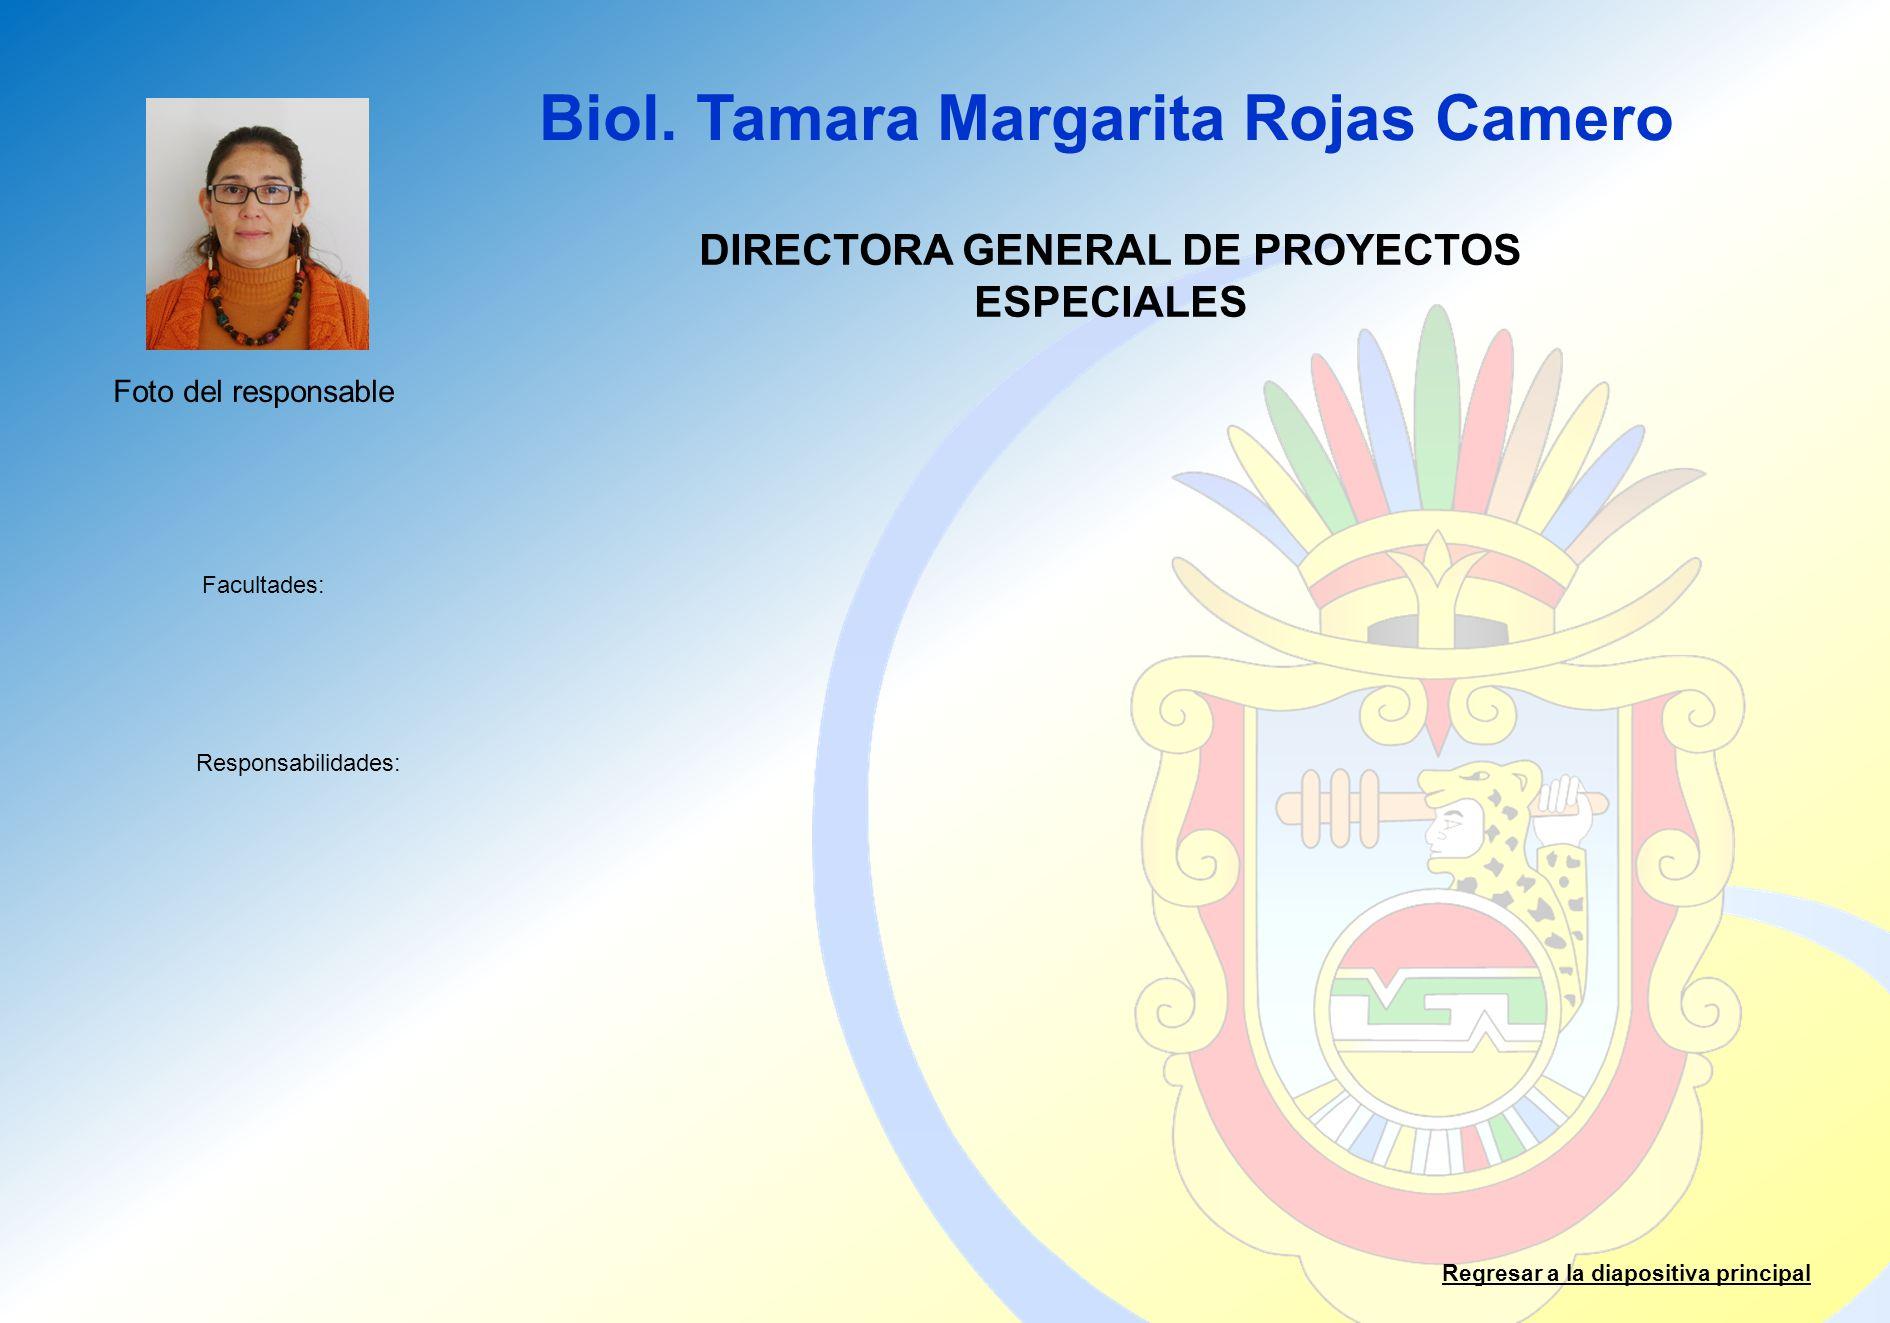 Biol. Tamara Margarita Rojas Camero Facultades: Responsabilidades: Regresar a la diapositiva principal DIRECTORA GENERAL DE PROYECTOS ESPECIALES Foto